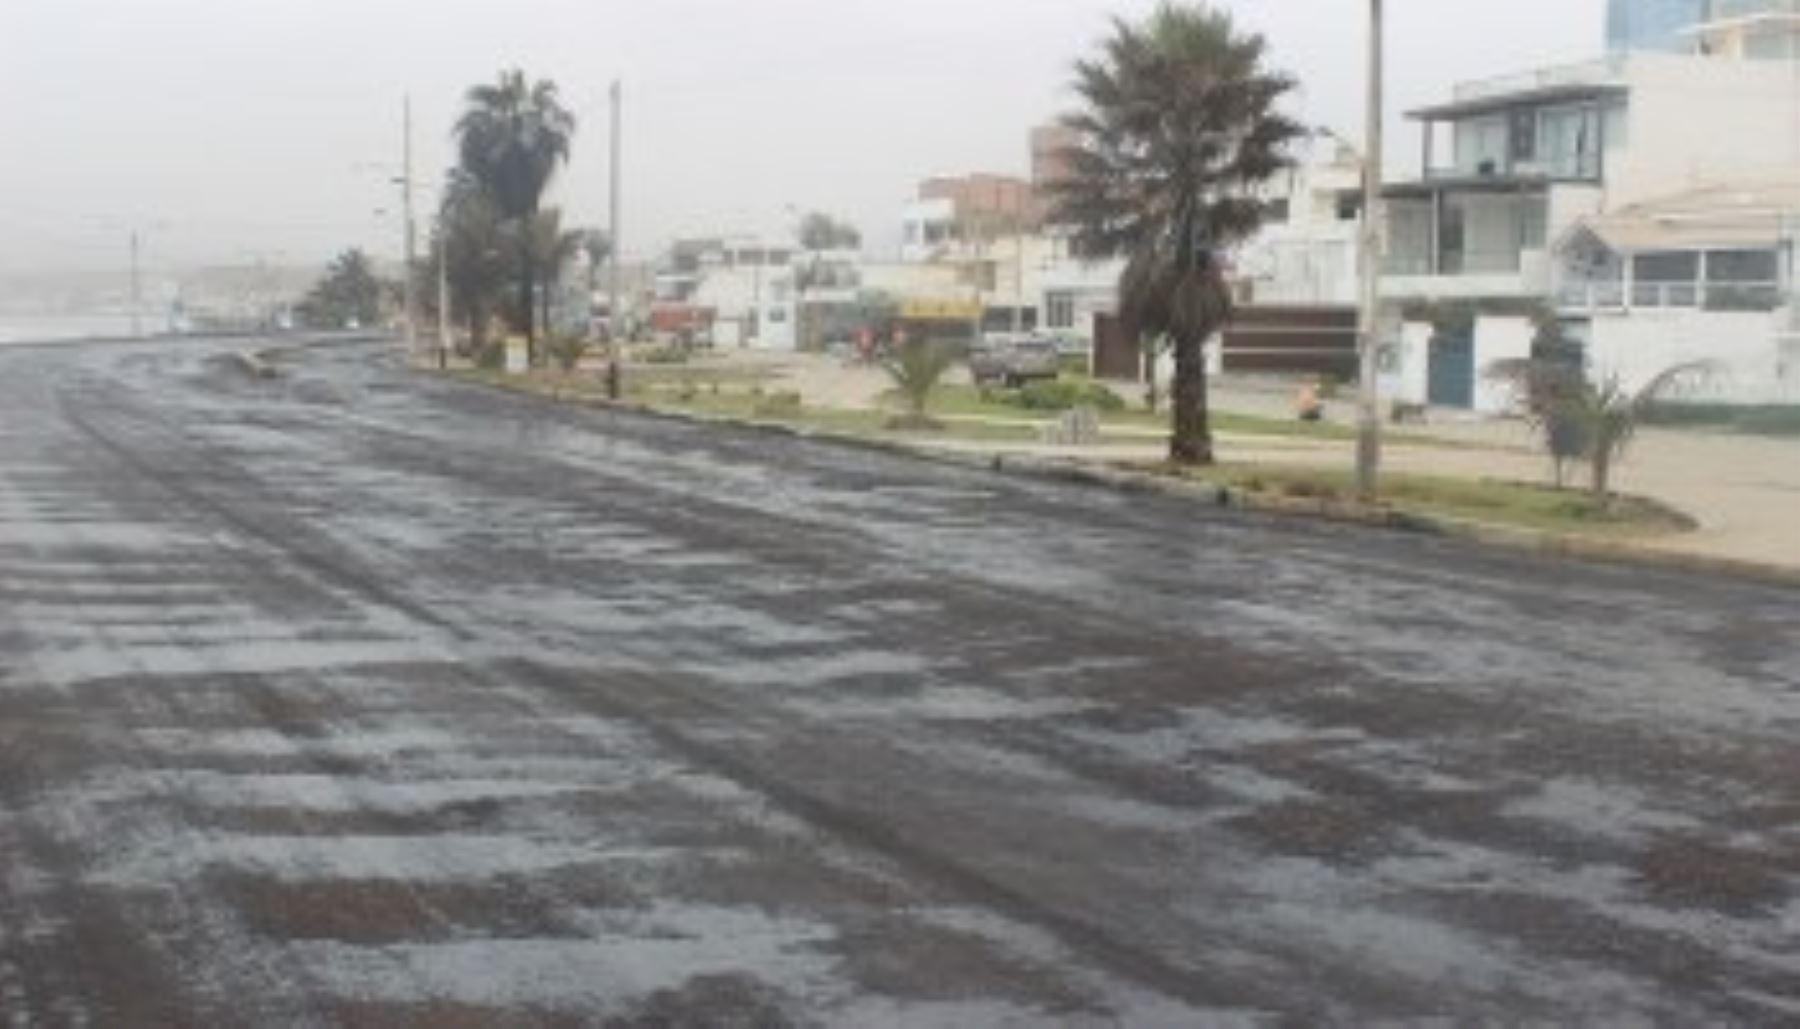 El alcalde de Huanchaco, José Ruiz, informó que solicitó dos millones y medio de soles para el mejoramiento de la carretera que conduce a su distrito y también el tramo que une el aeropuerto de la ciudad con el balneario.